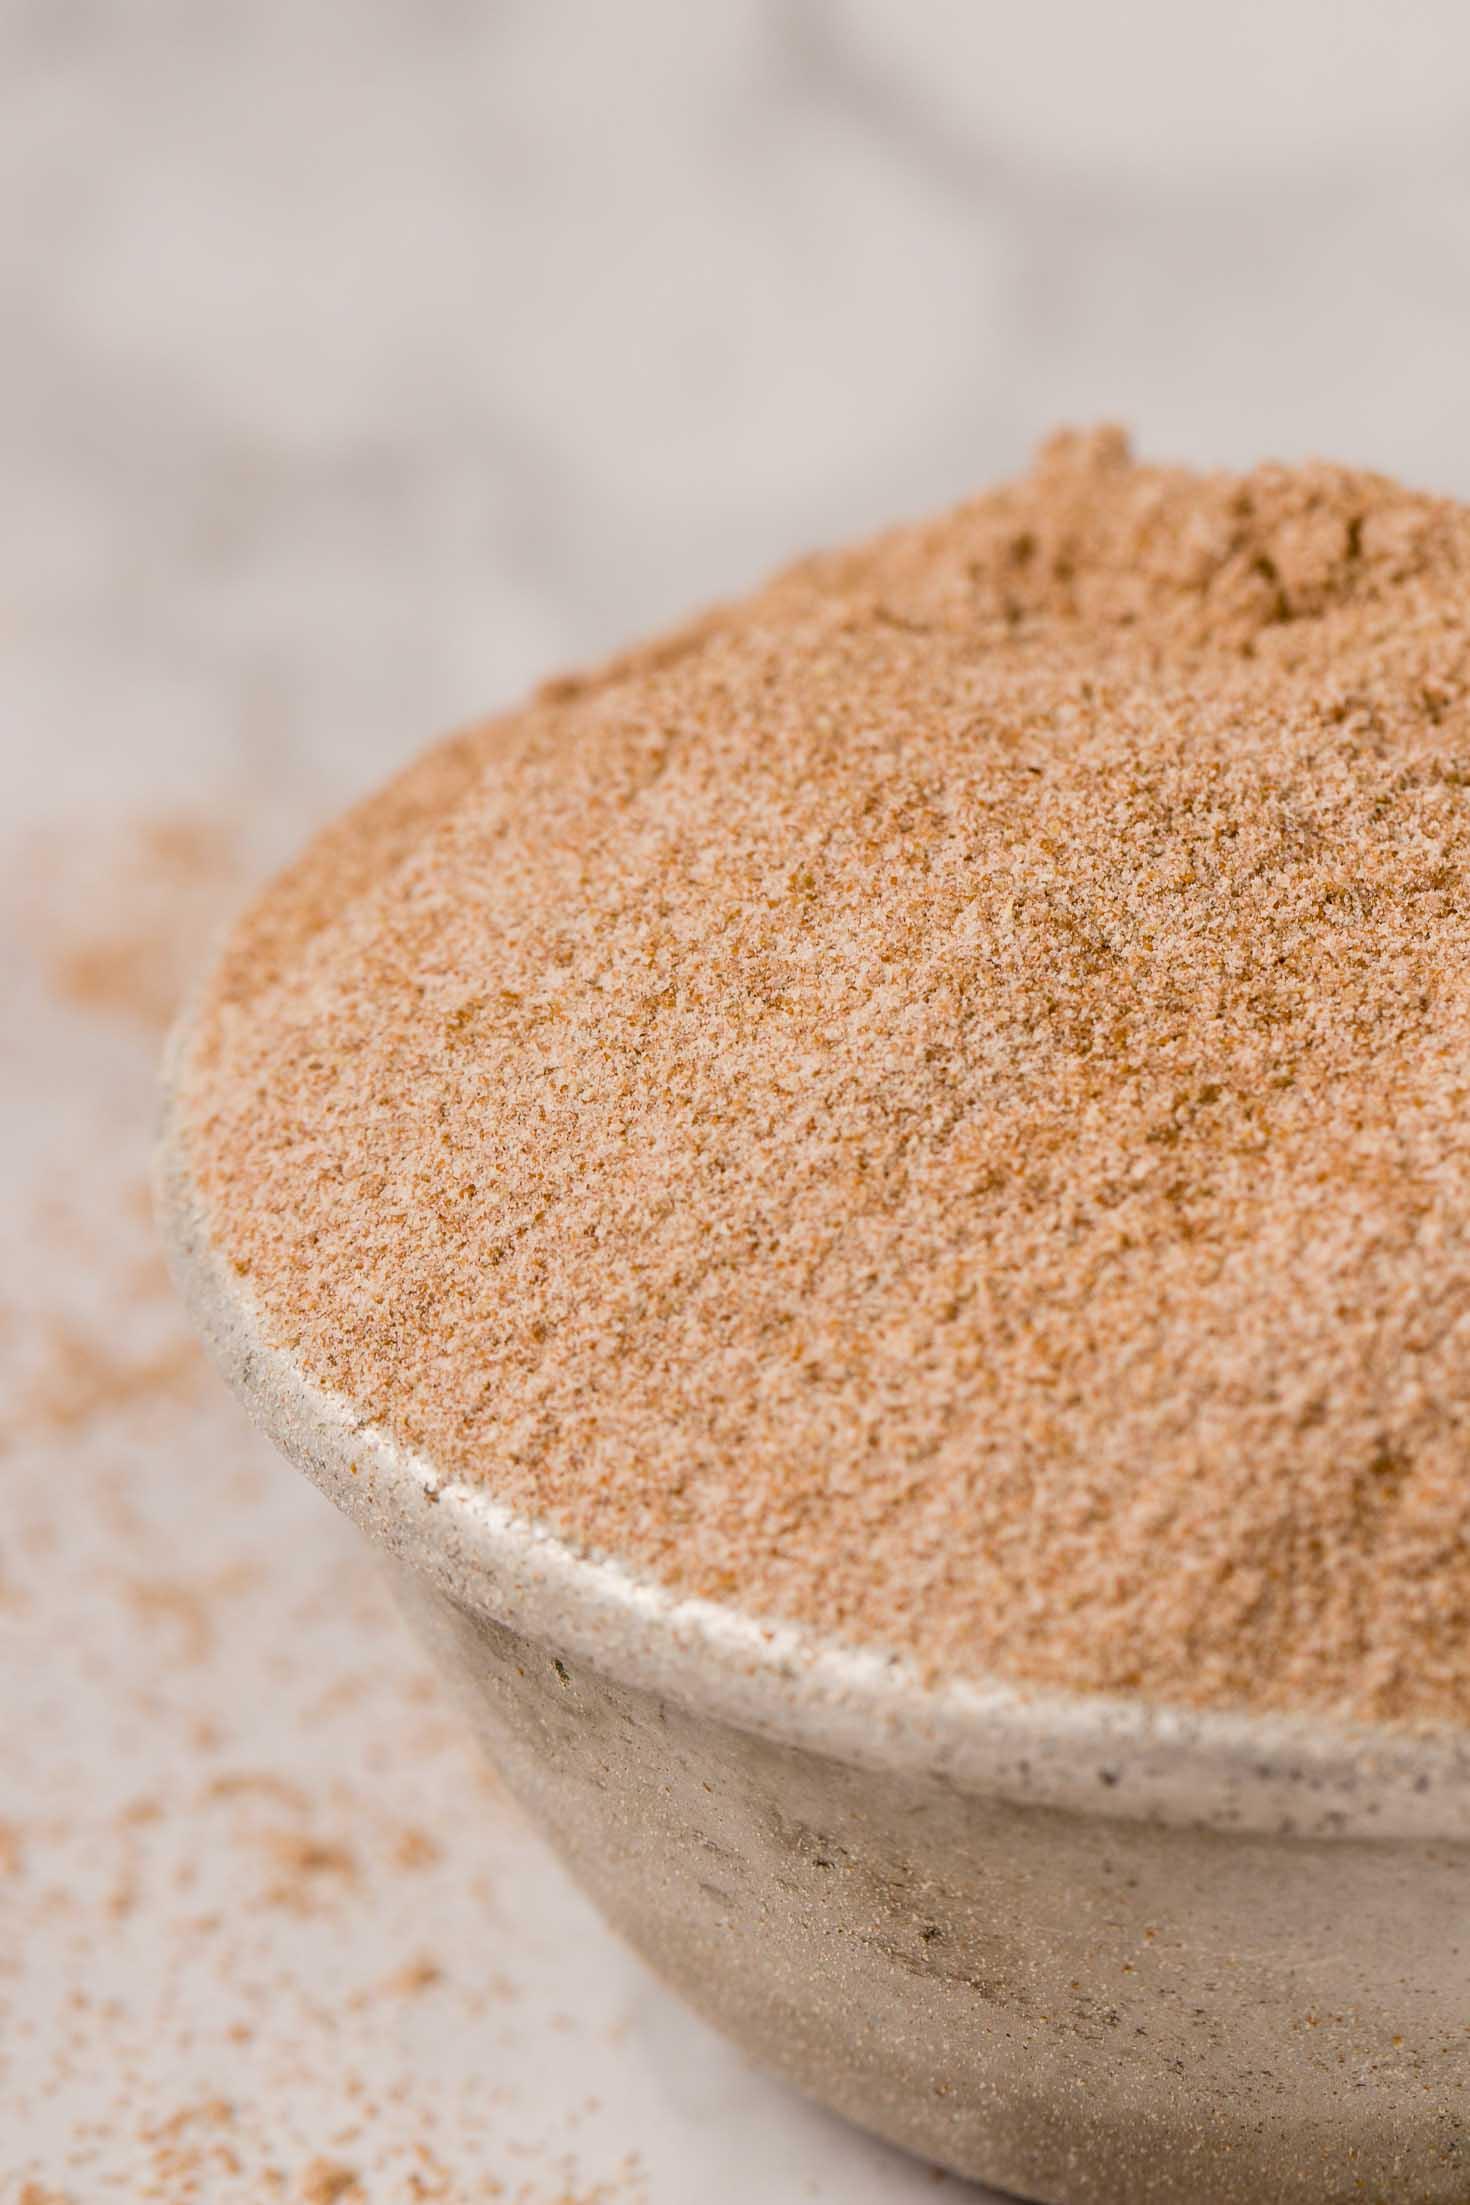 2-ingredient Gluten-free Sourdough Starter-brown teff flour